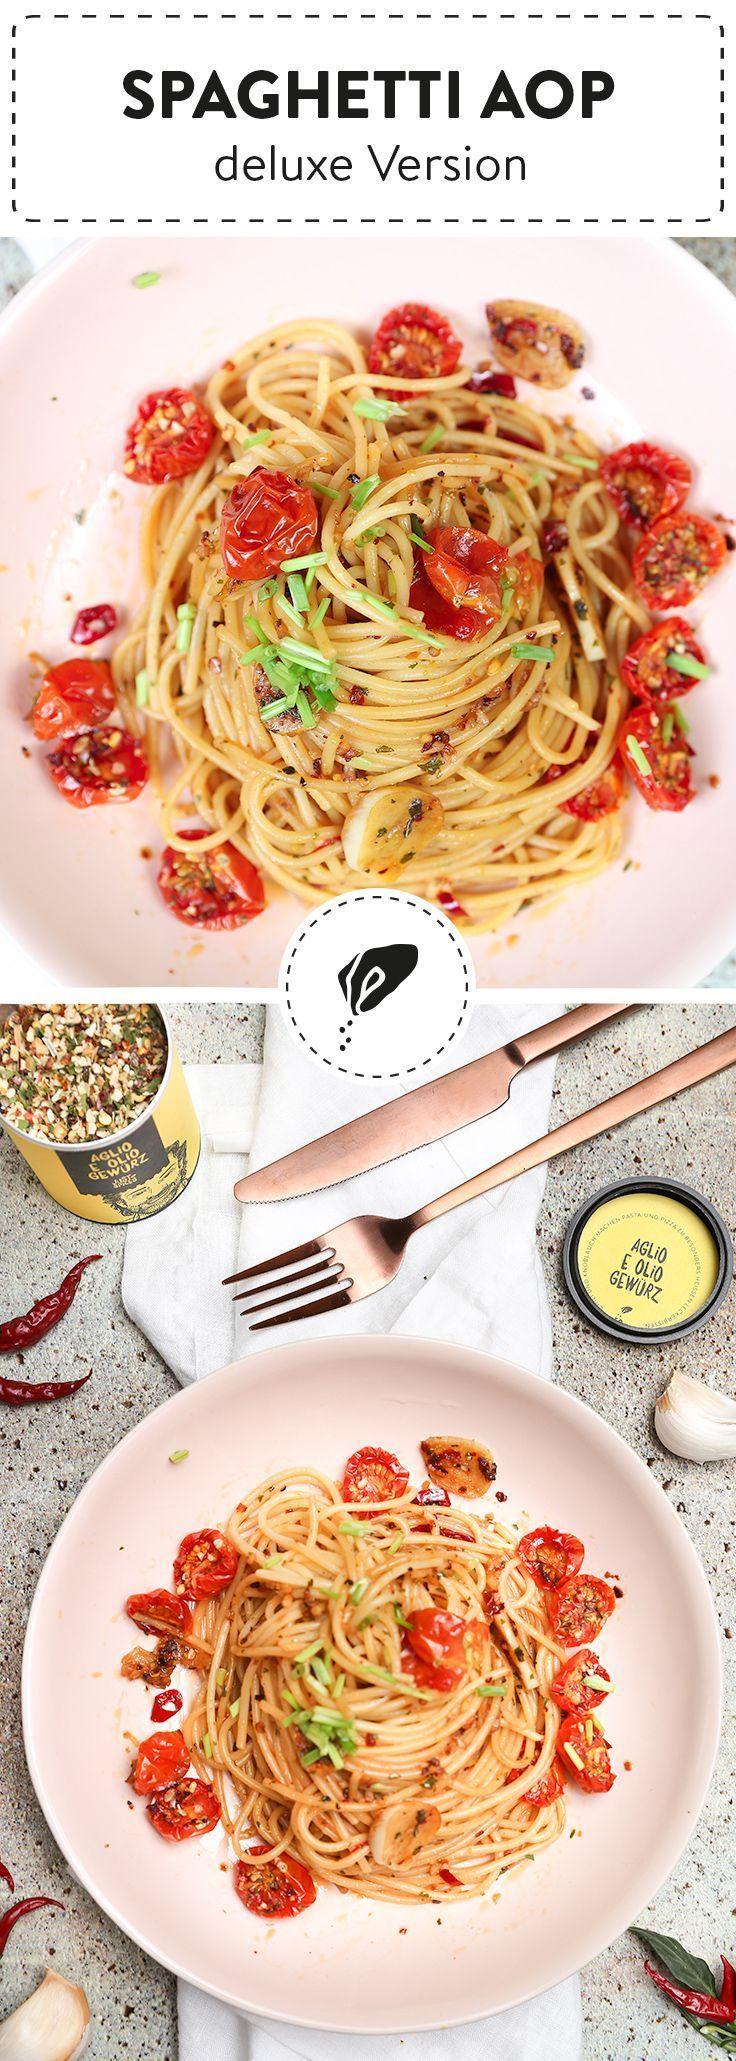 Spaghetti AOP - deluxe Version